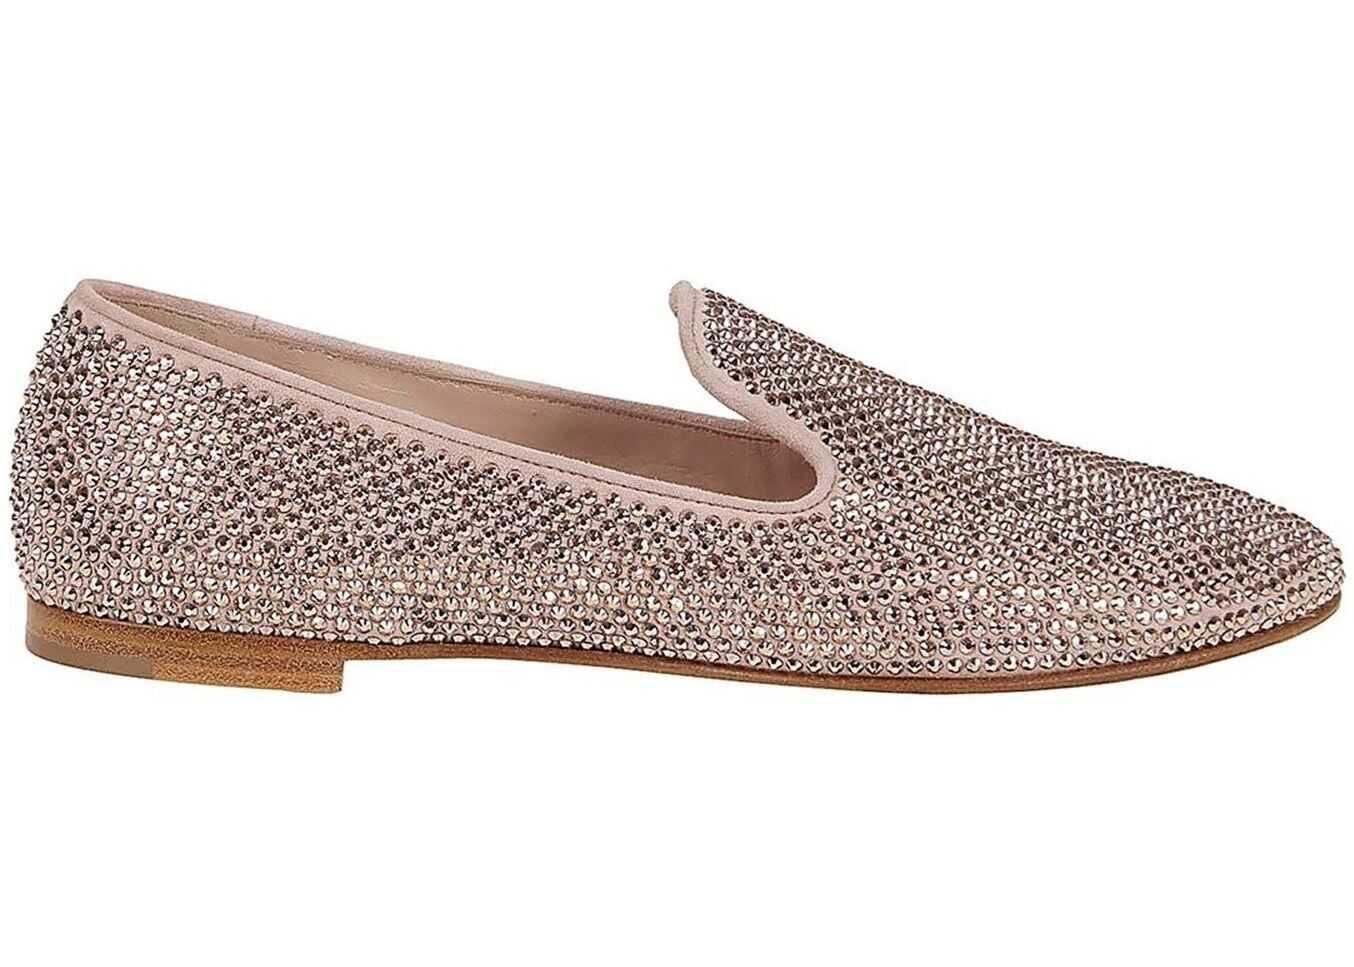 Giuseppe Zanotti Lindy Crystal Loafers Pink